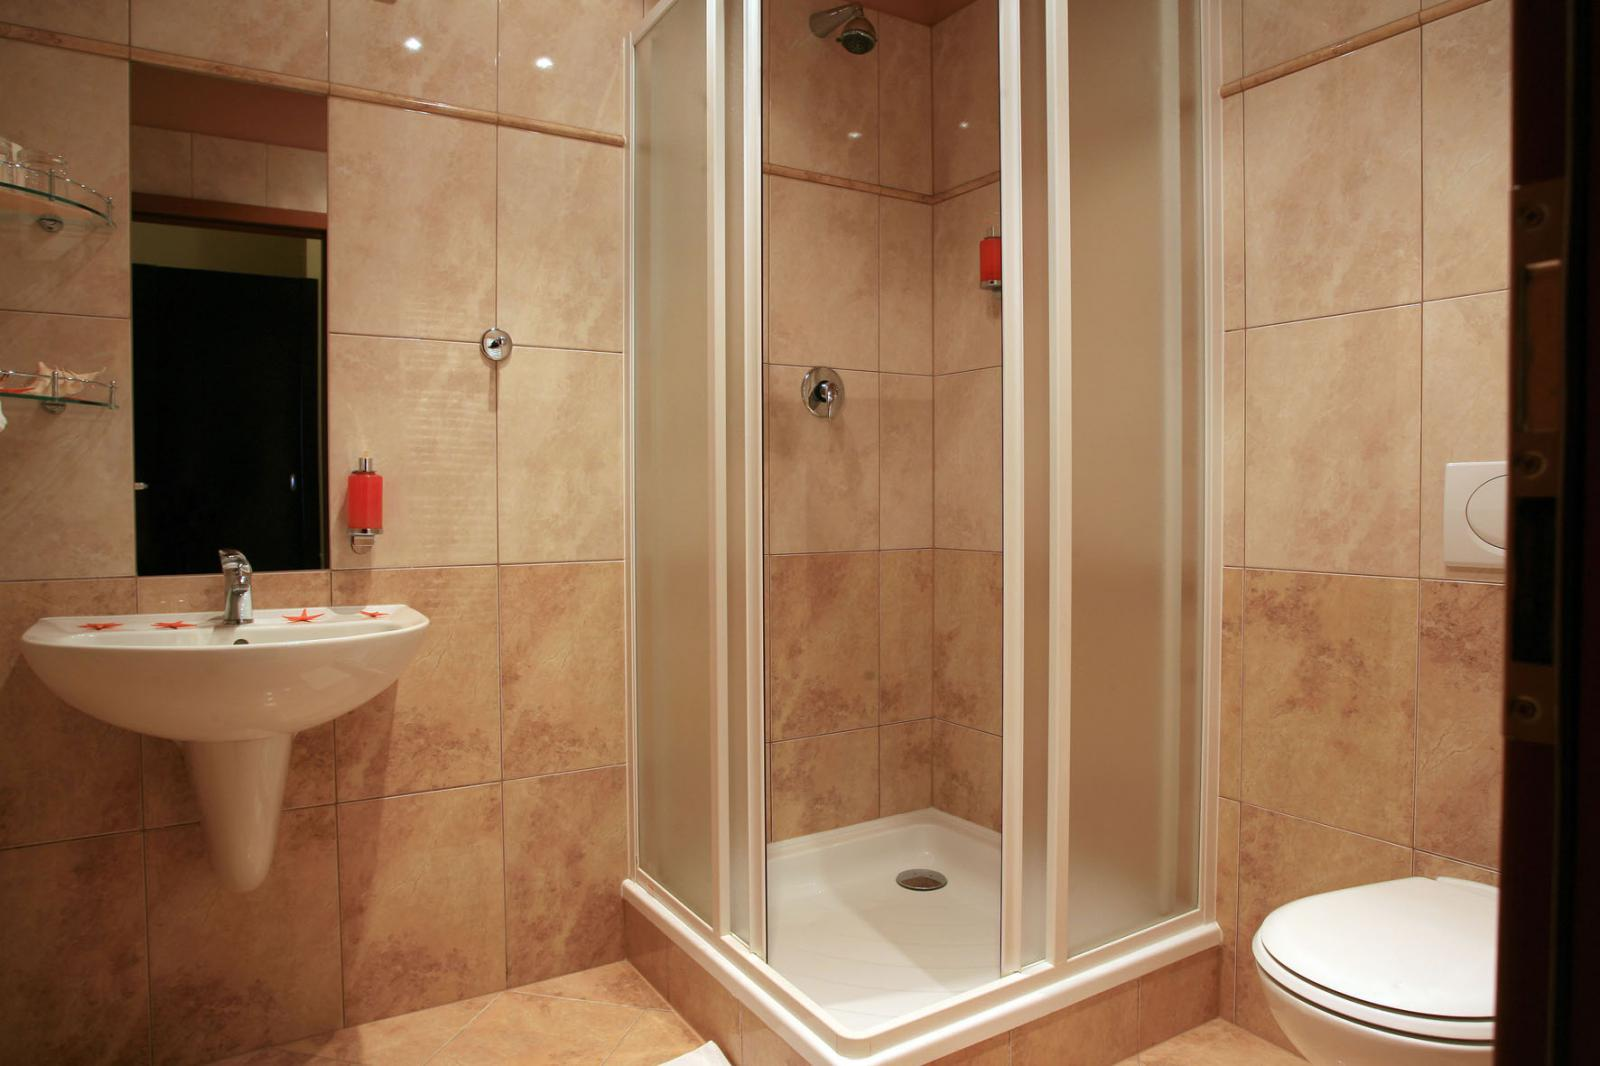 Ванная комната фото своими руками